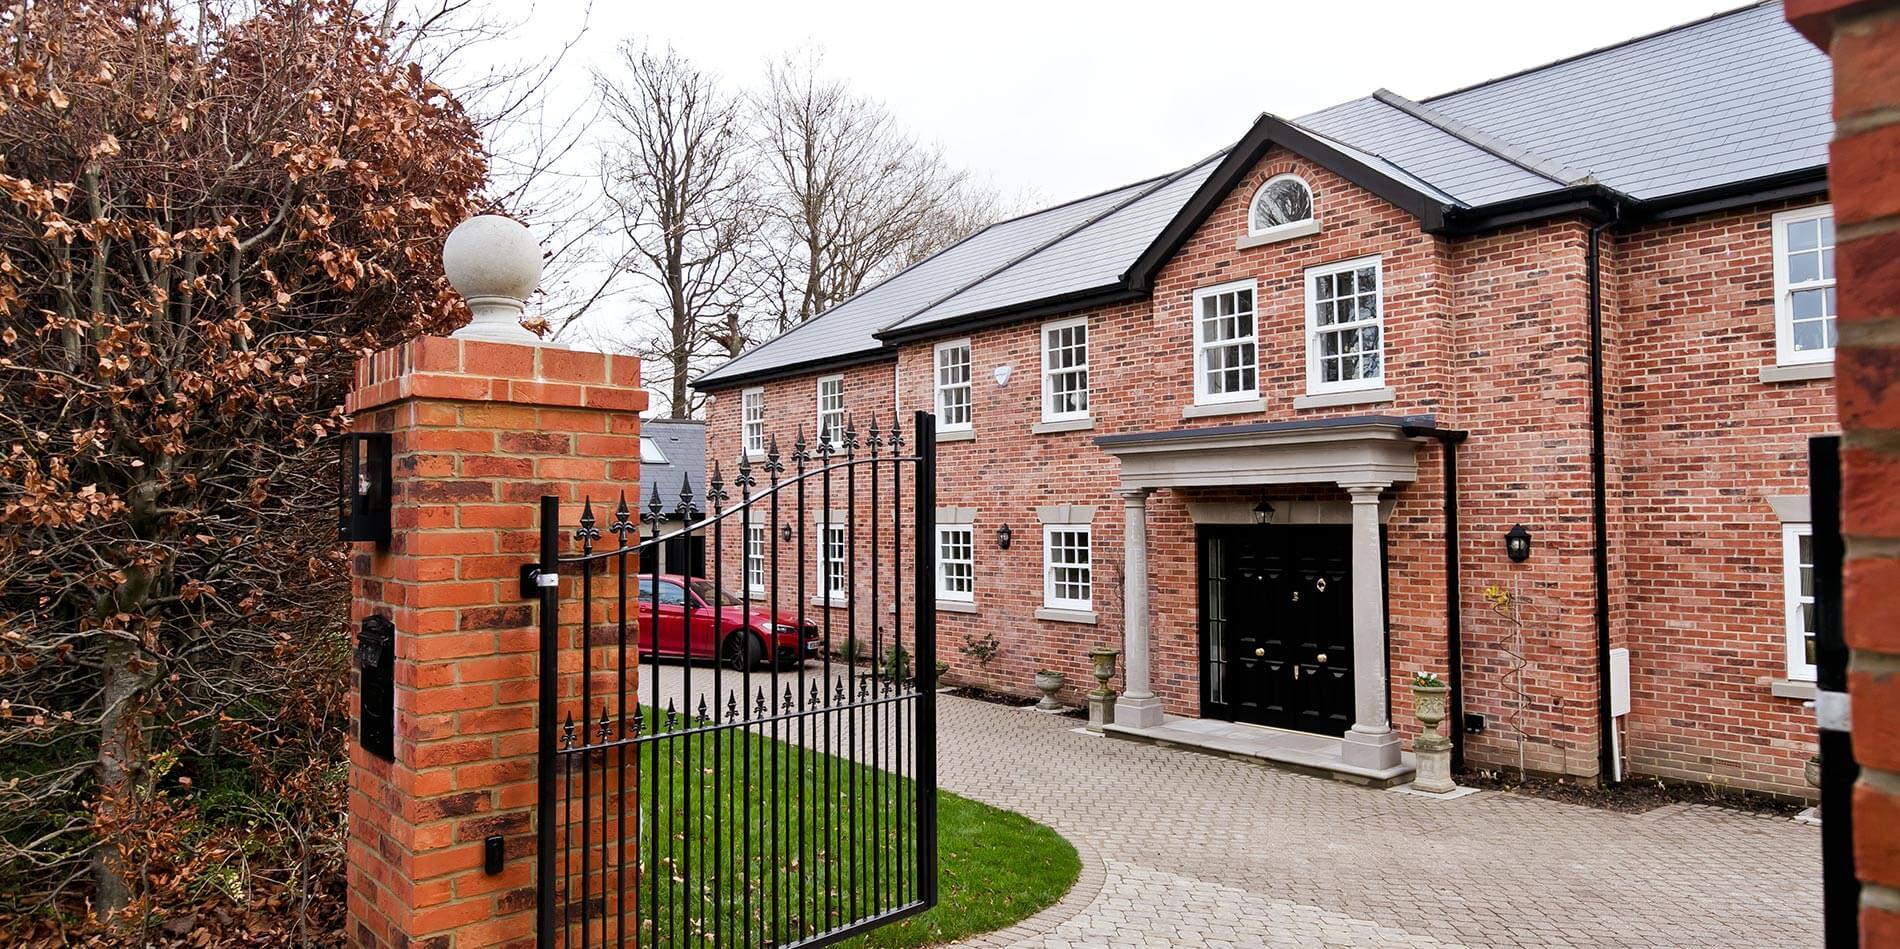 SouthwoldHouse-Warlingham-External-Main